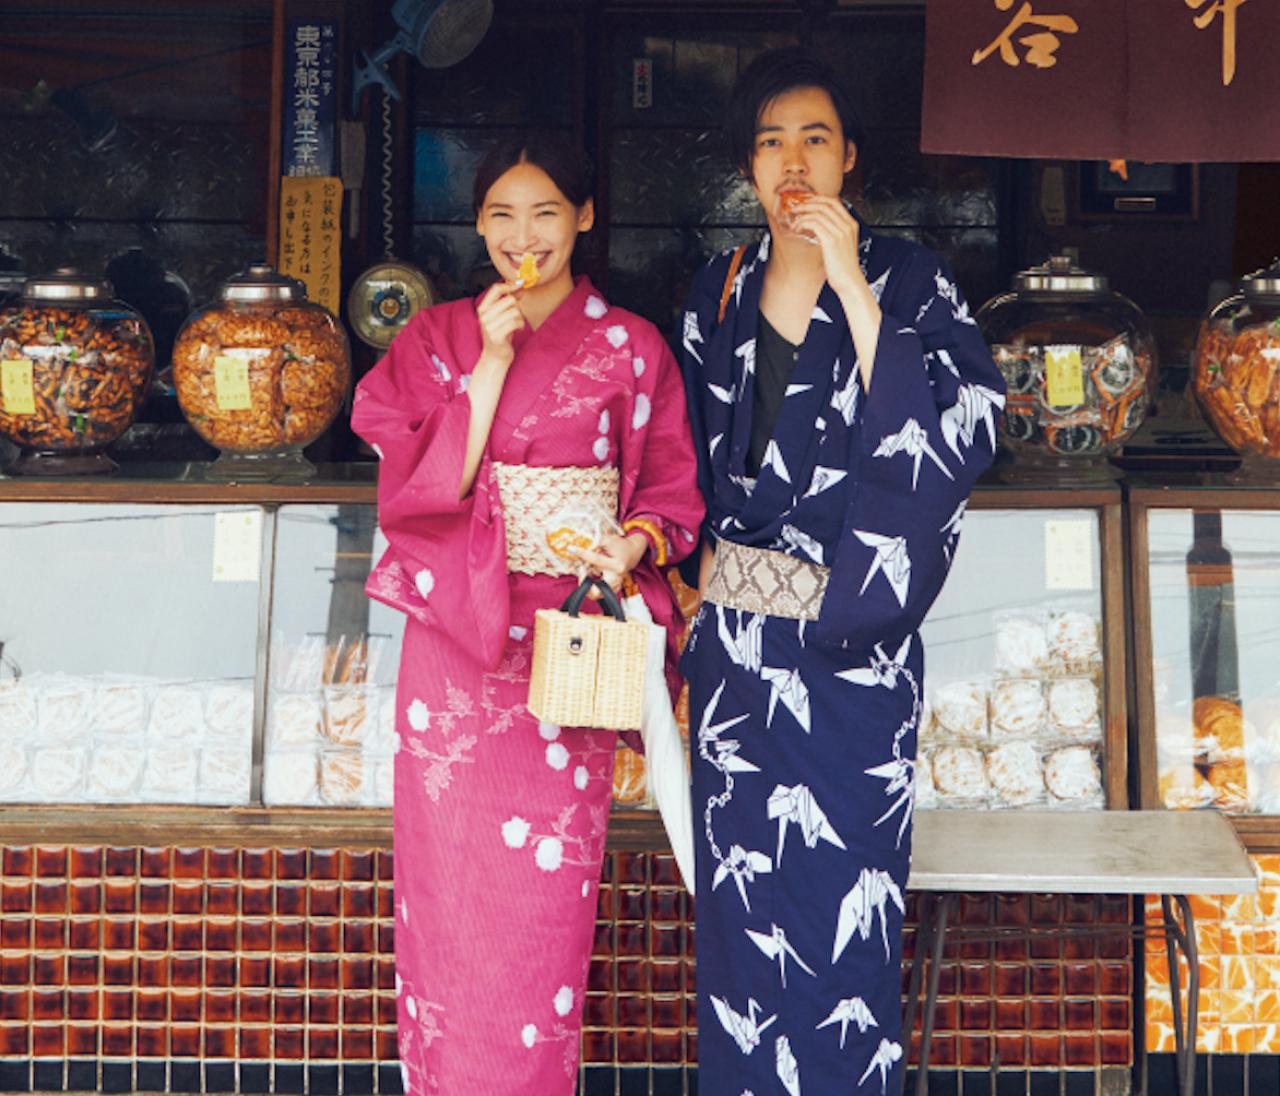 大政 絢&成田 凌がナビゲート♡ 大人の【麗し浴衣】選び、3つのルール